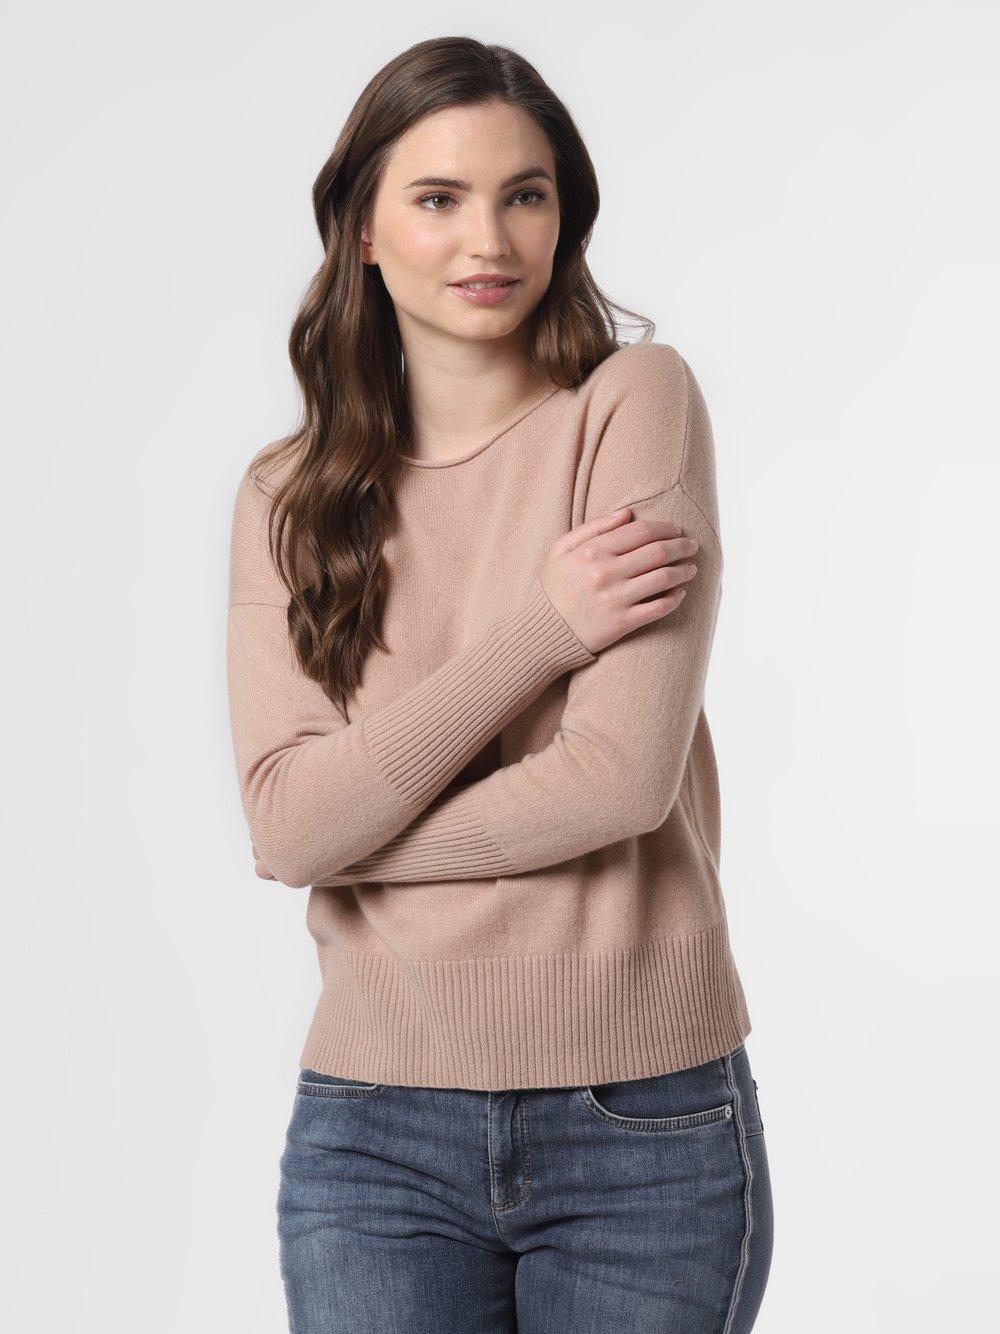 SvB Exquisit – Sweter damski z czystego kaszmiru, beżowy Van Graaf 461340-0002